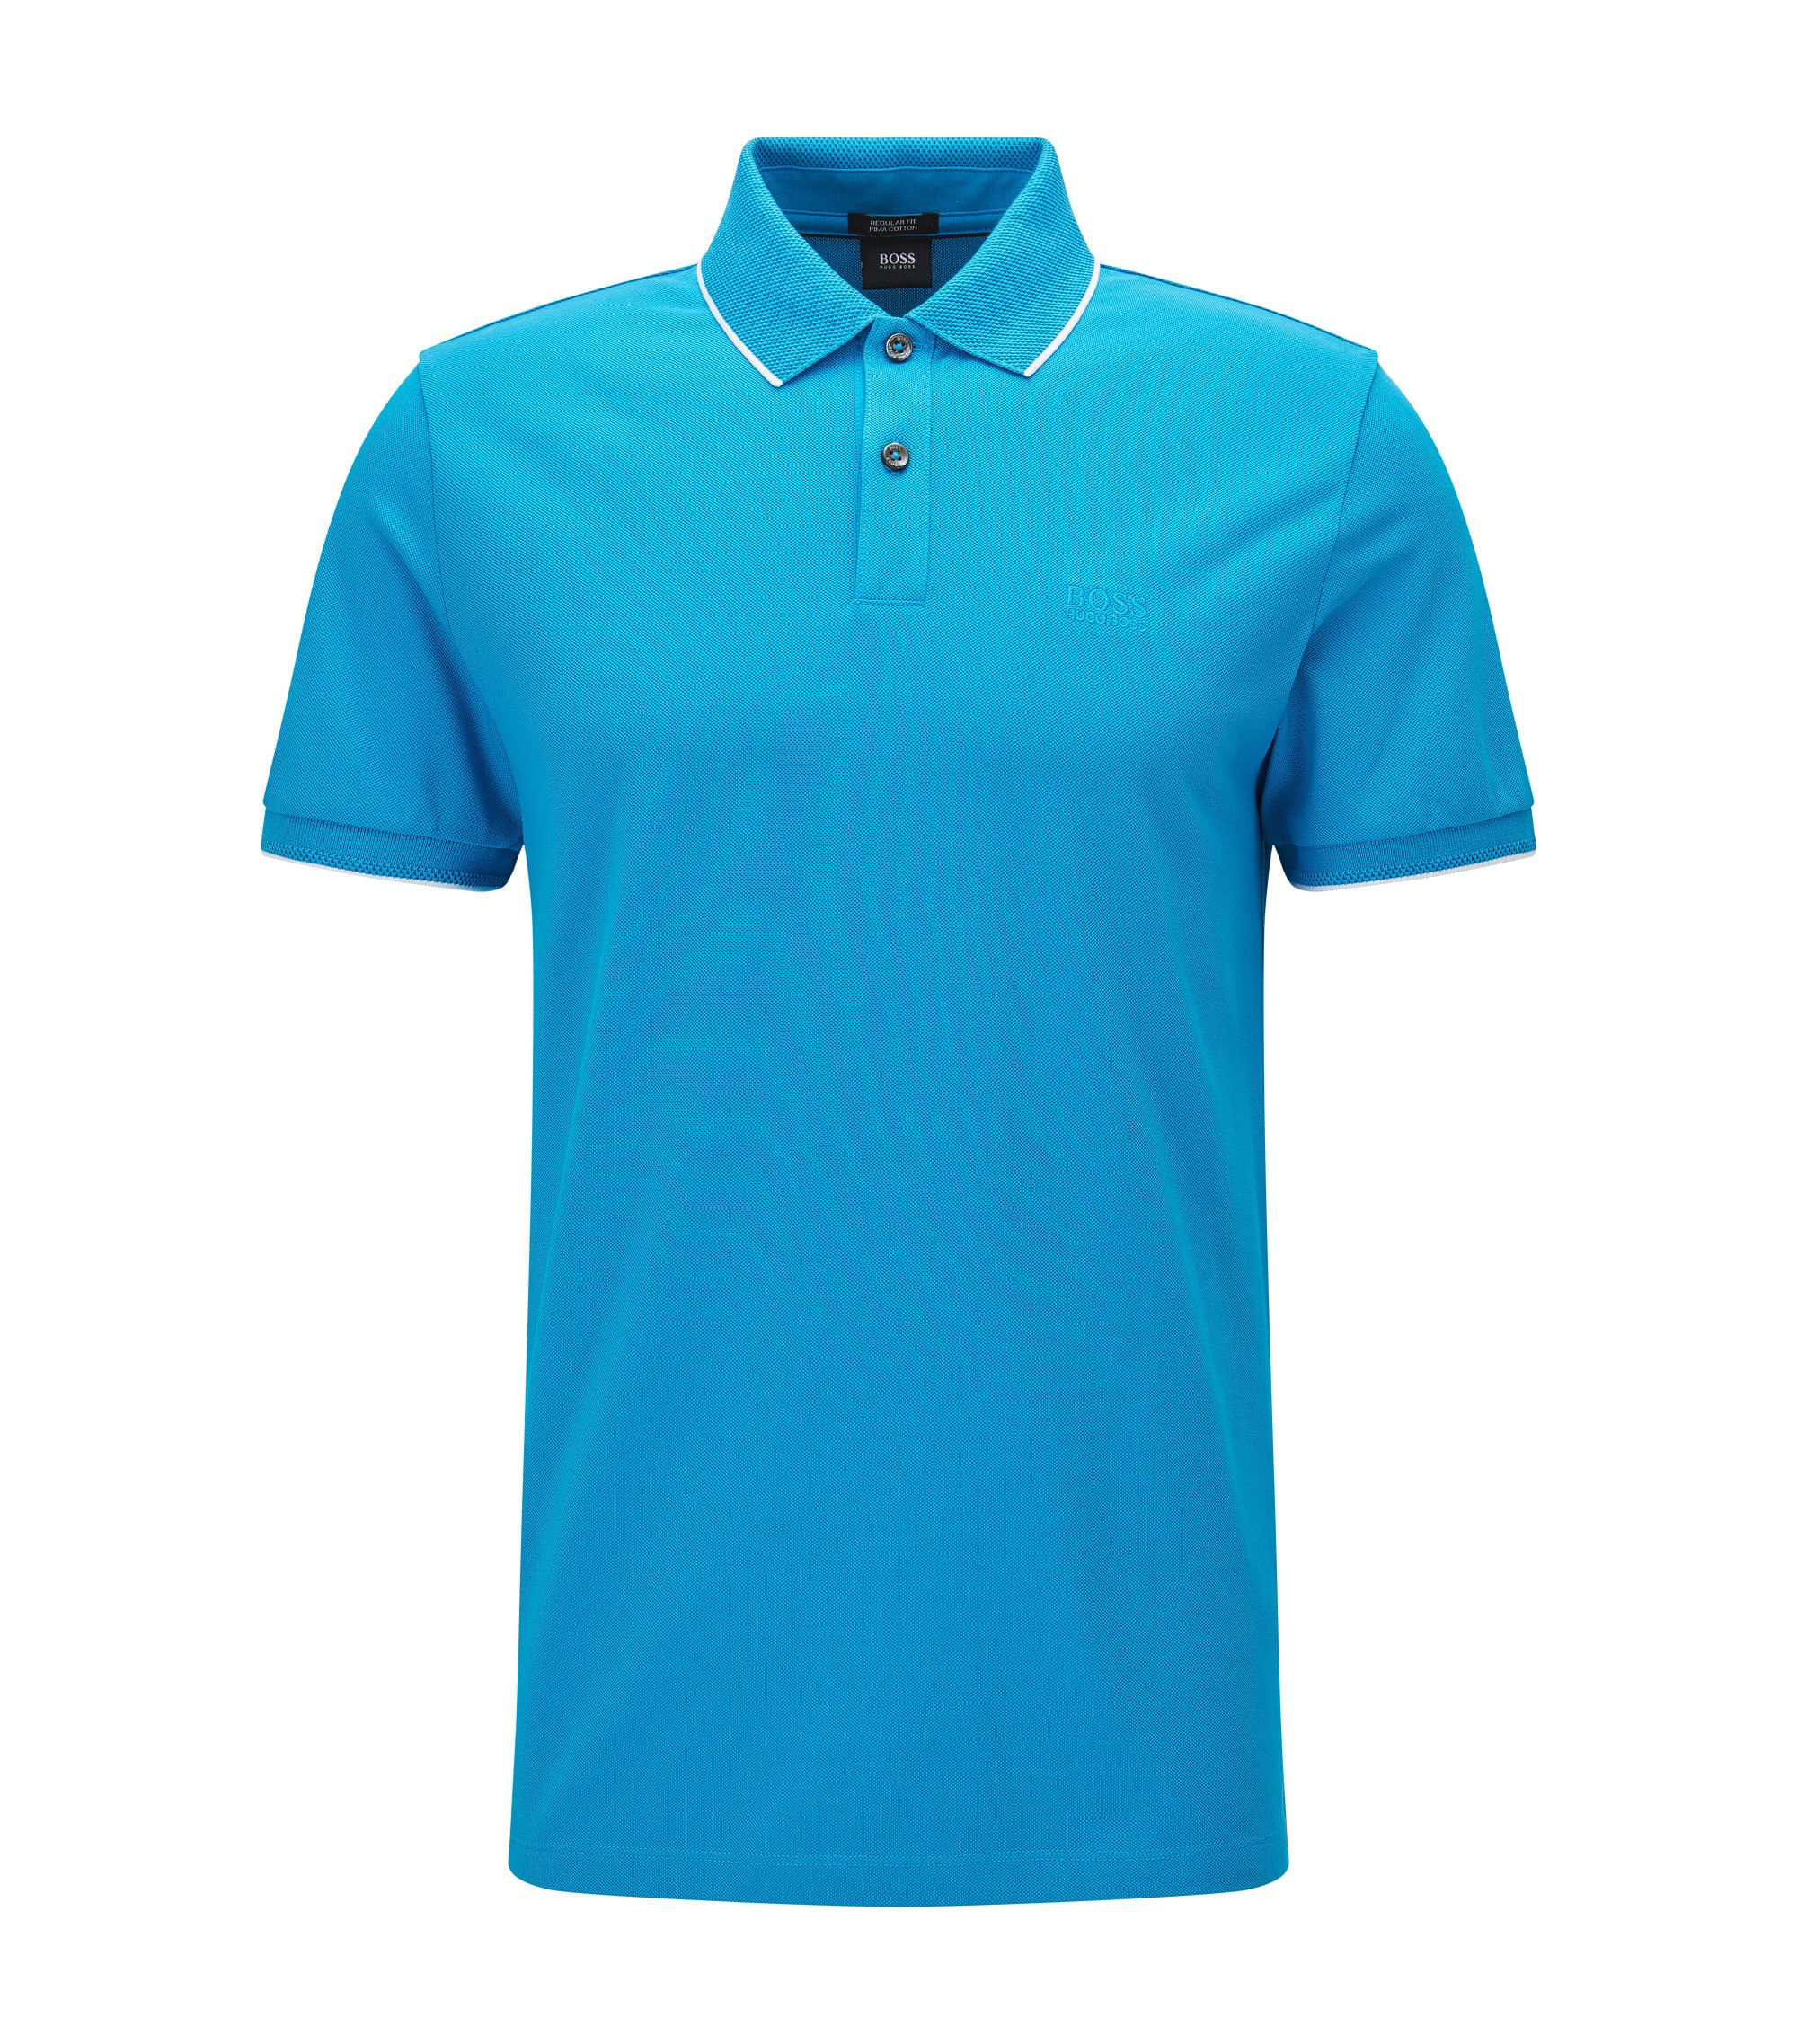 Regular-Fit Poloshirt aus Baumwolle mit kontrastfarbener Einfassung, Türkis